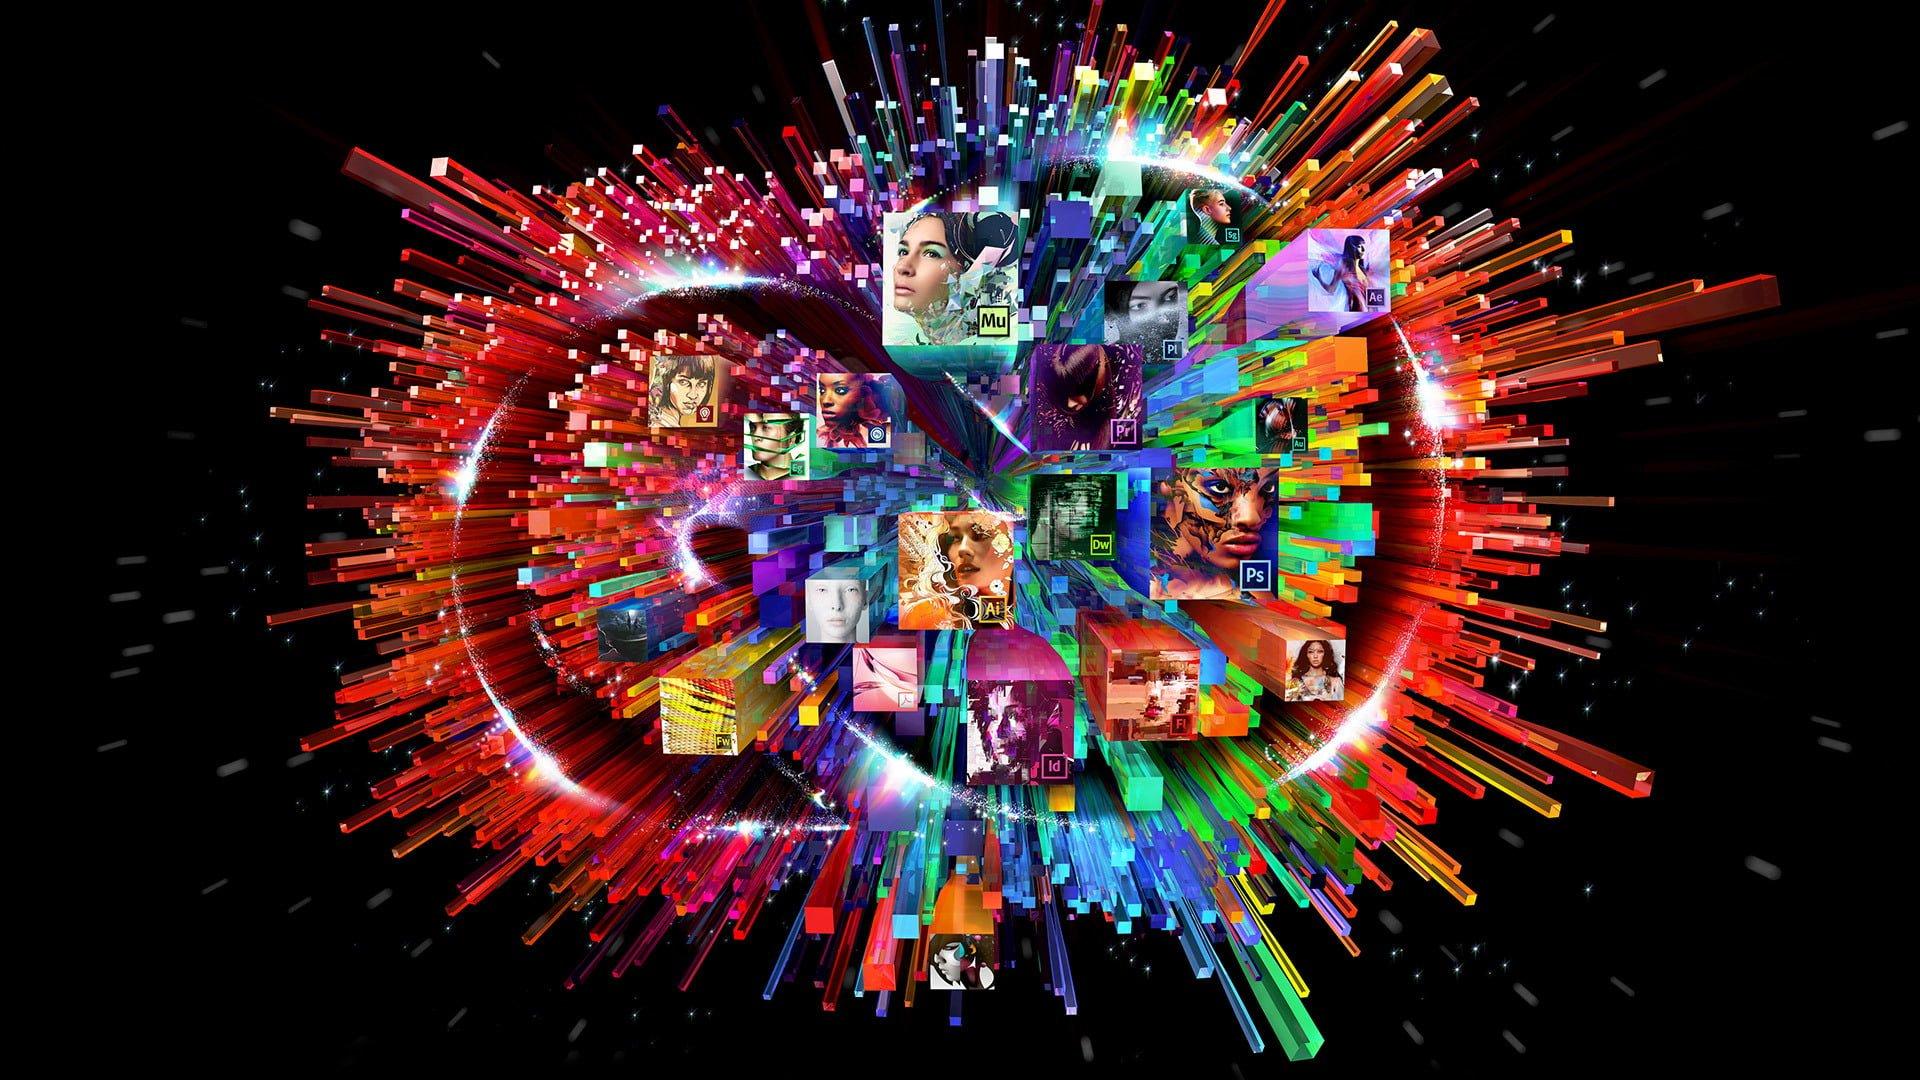 Adobe'de Mobil Dünyasını Genişletiyor adobe Adobe'de Mobil Dünyasını Genişletiyor 1dfeaf60 4111 4c2b b3c6 9a3026396a56